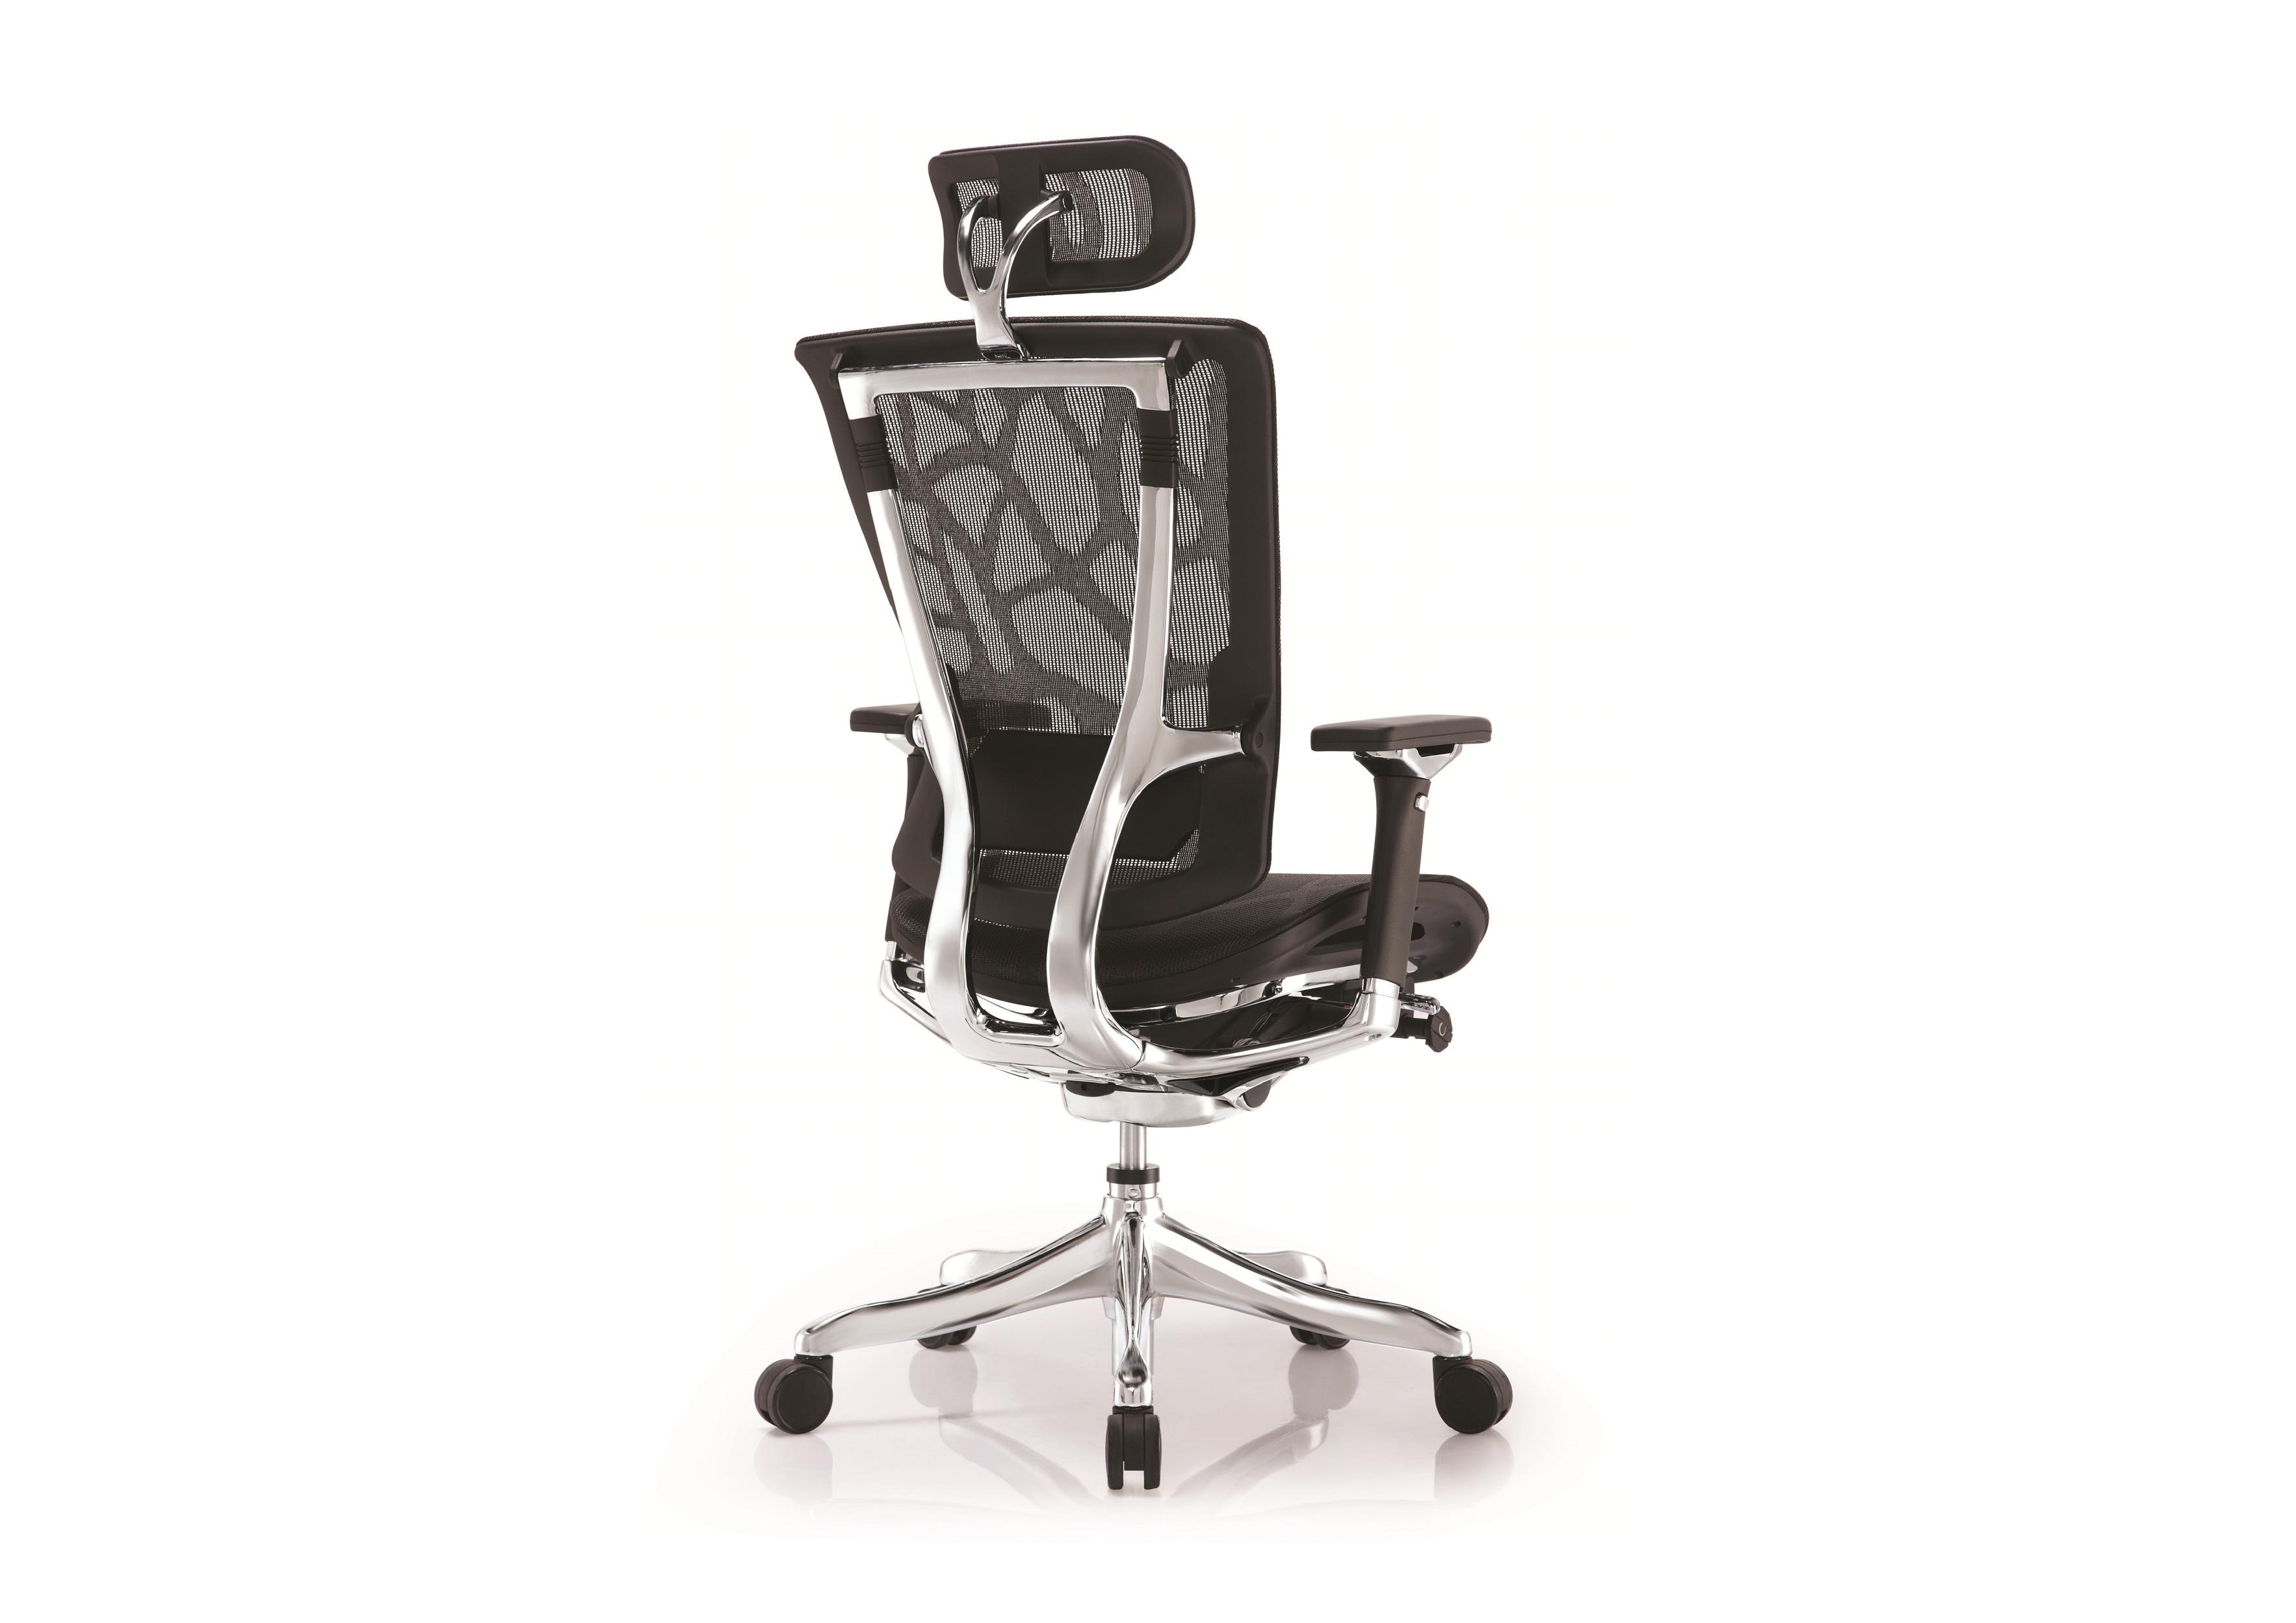 烟台办公家具中办公椅脚架材质分为哪几类